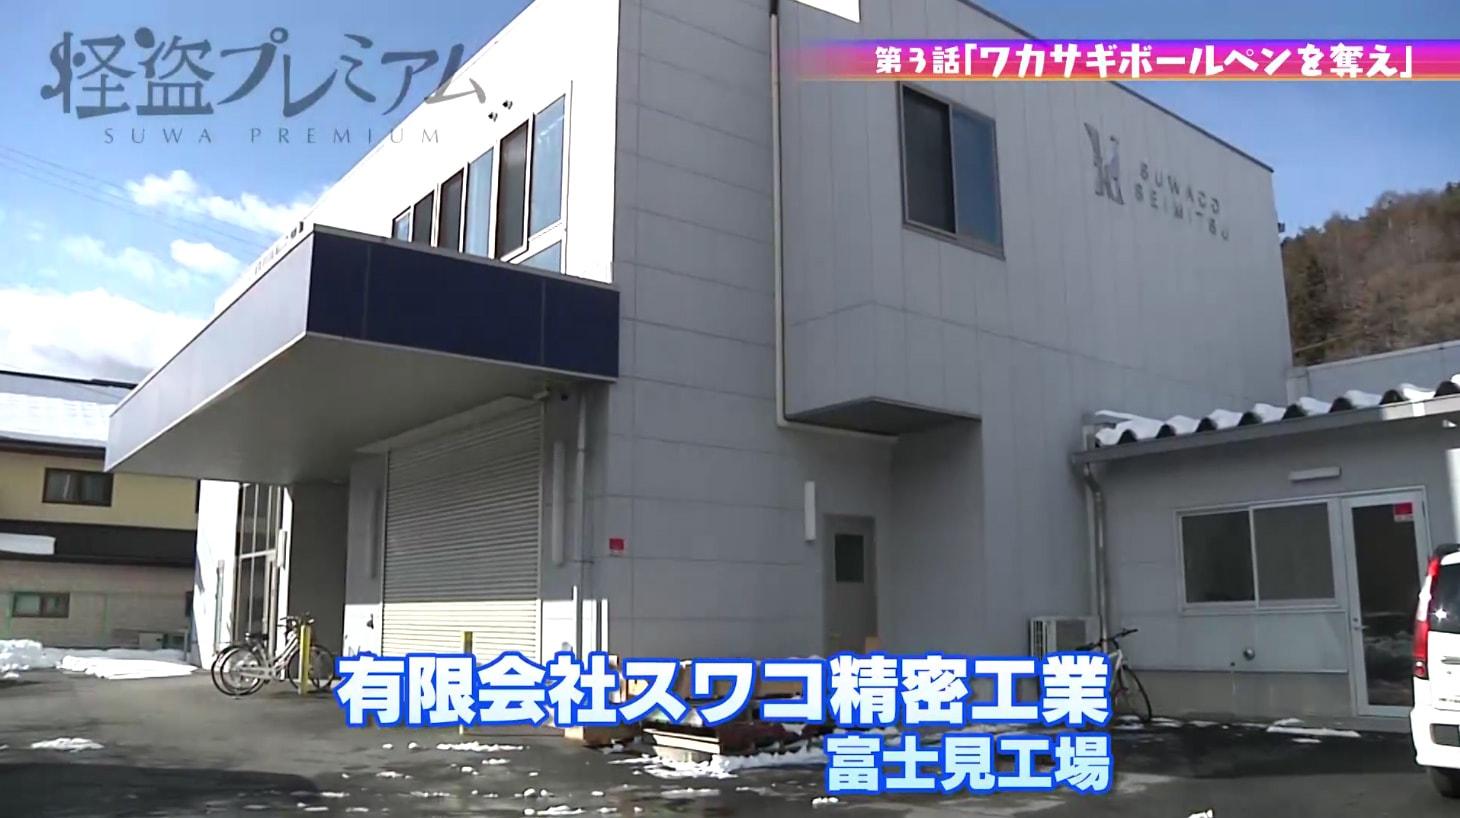 kaitou_photo03-02